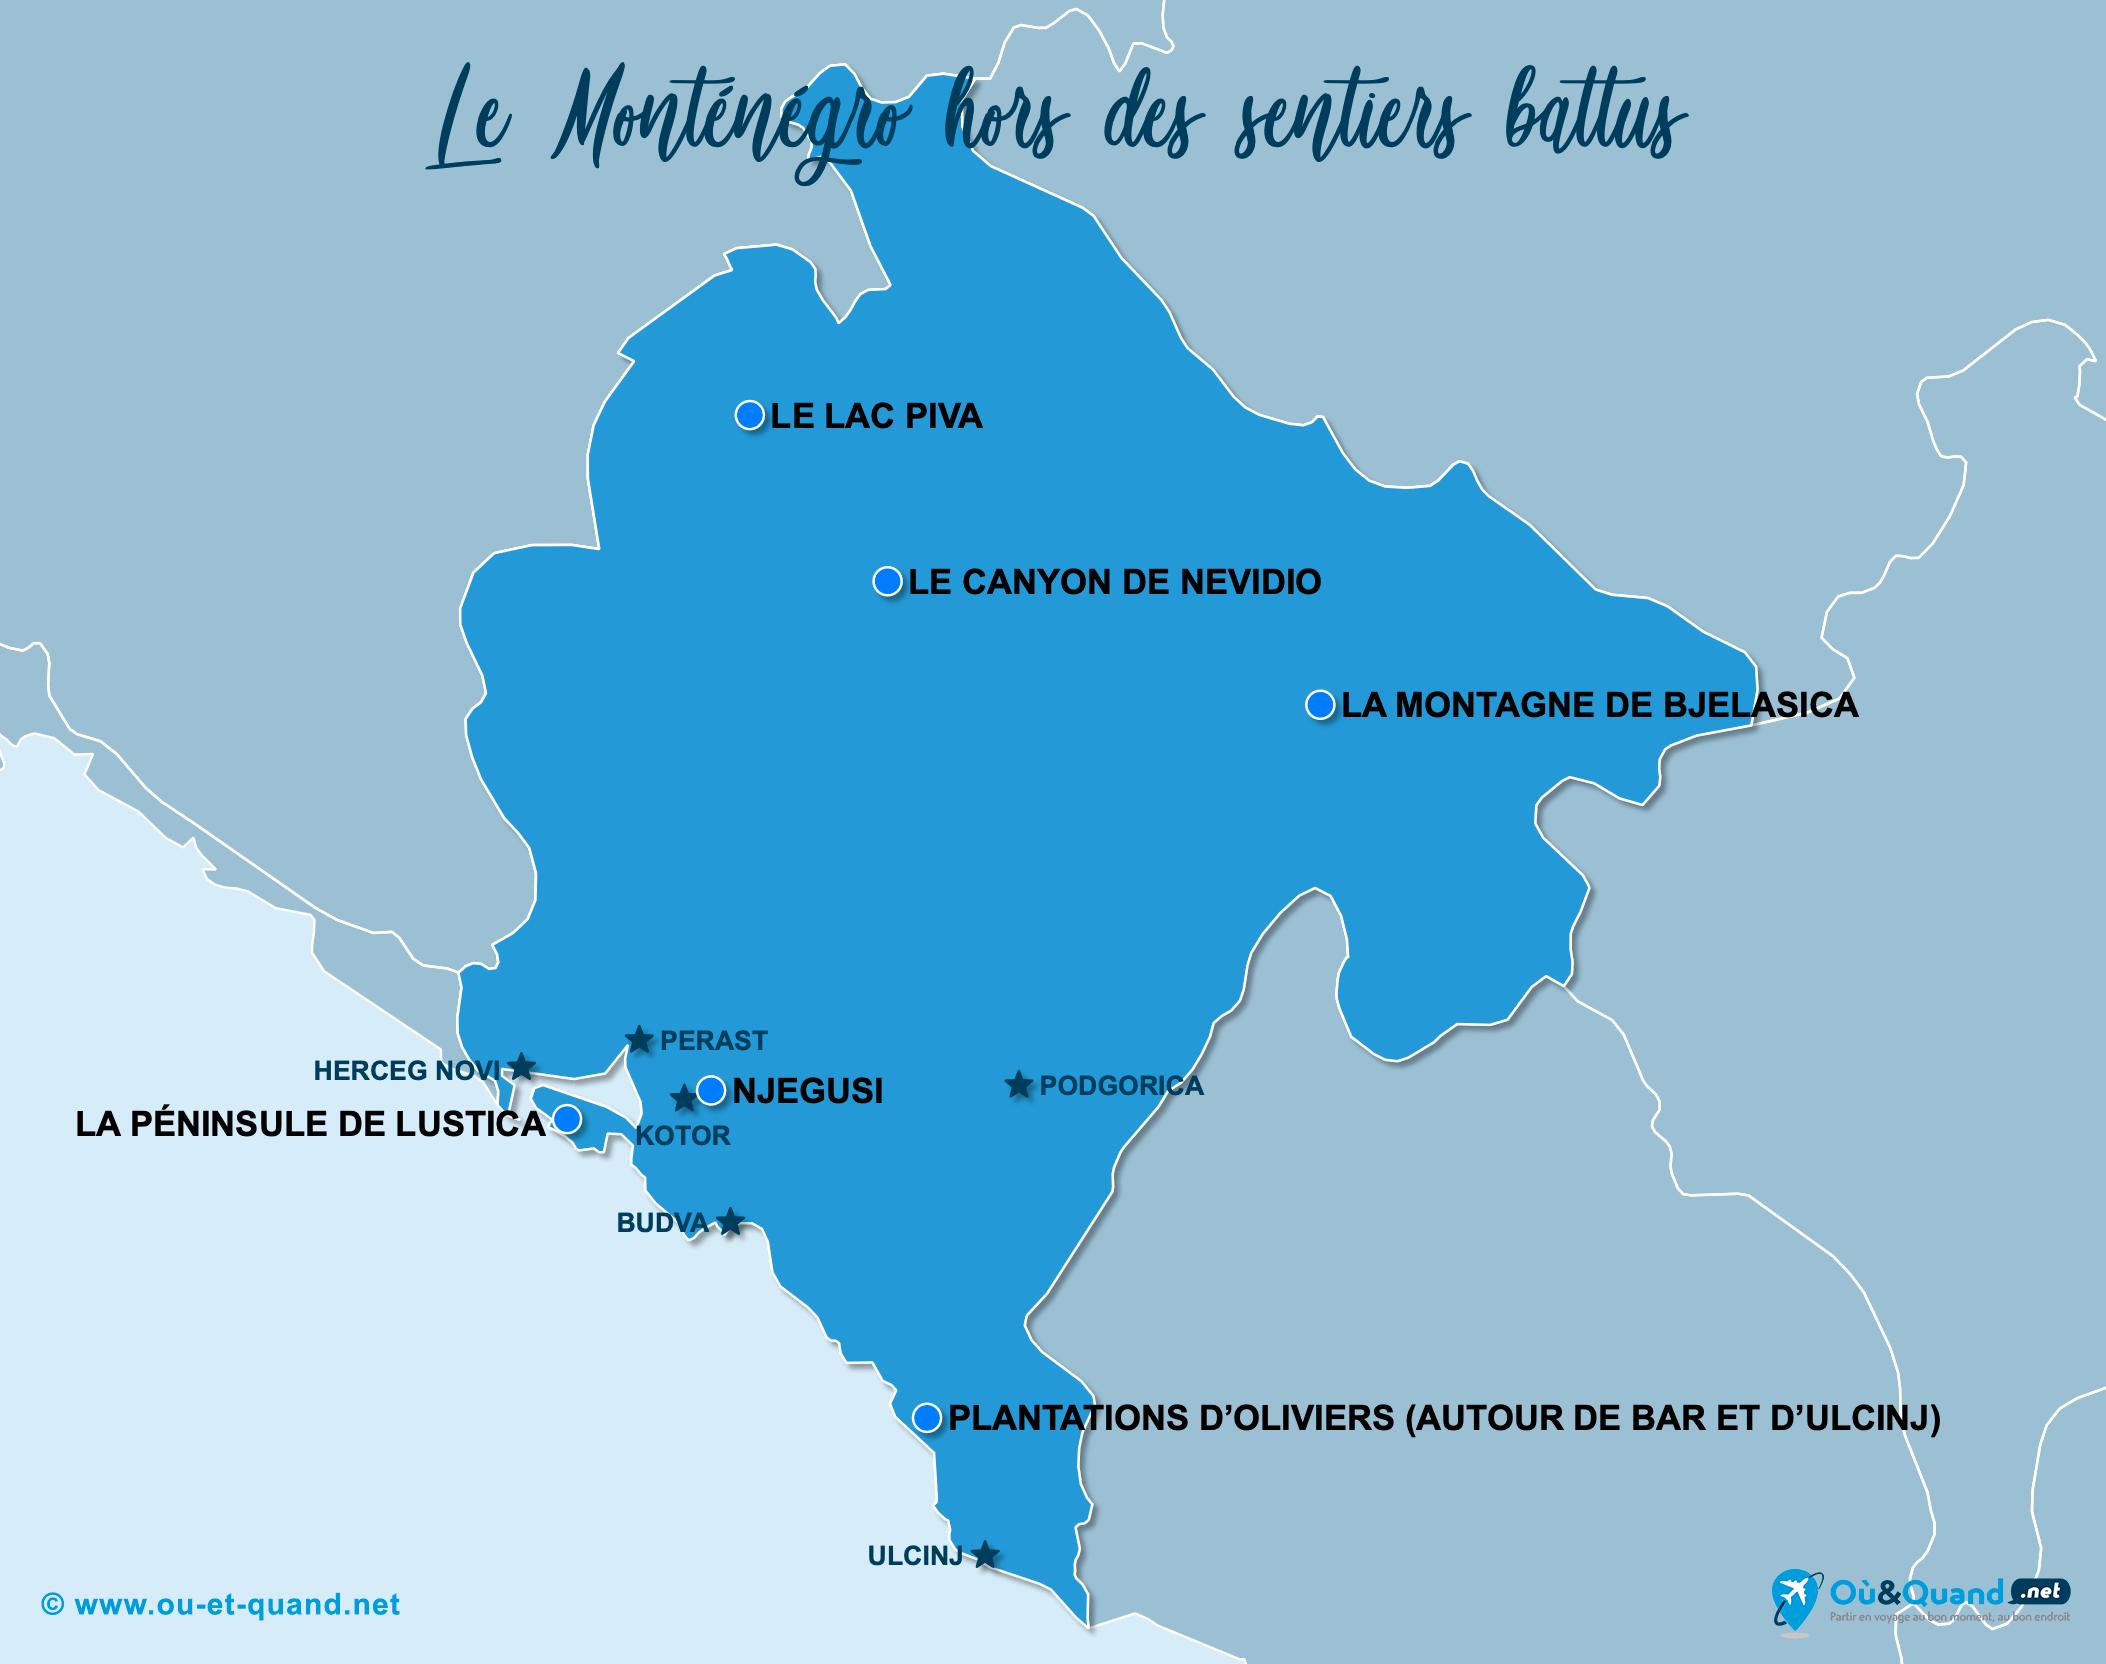 Carte Monténégro : Le Monténégro hors des sentiers battus